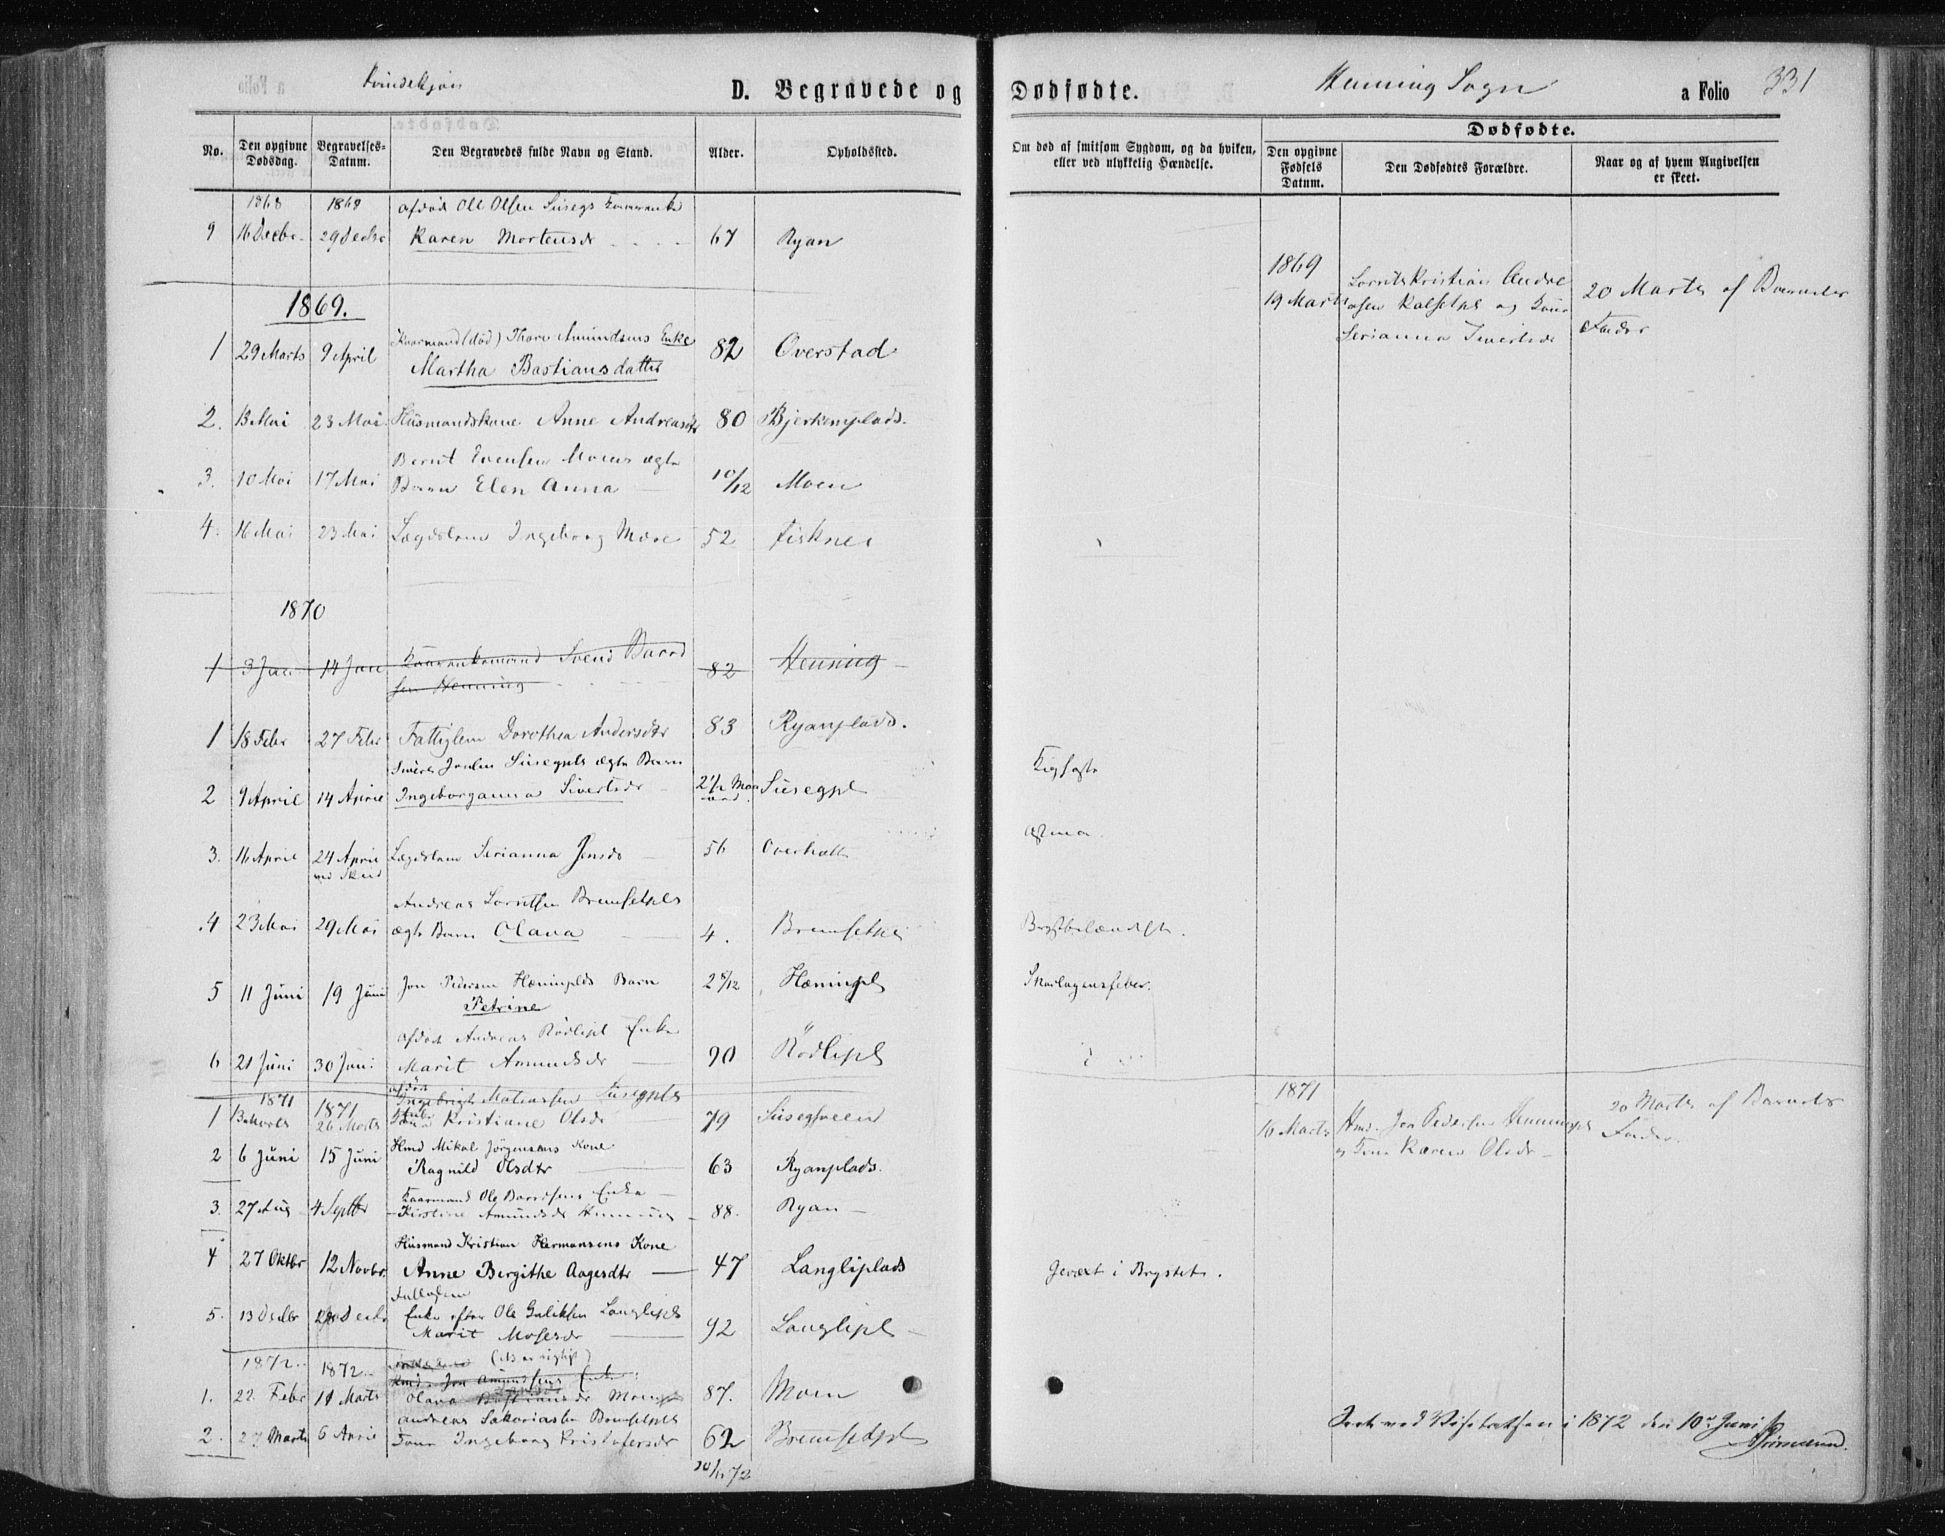 SAT, Ministerialprotokoller, klokkerbøker og fødselsregistre - Nord-Trøndelag, 735/L0345: Ministerialbok nr. 735A08 /3, 1863-1872, s. 331